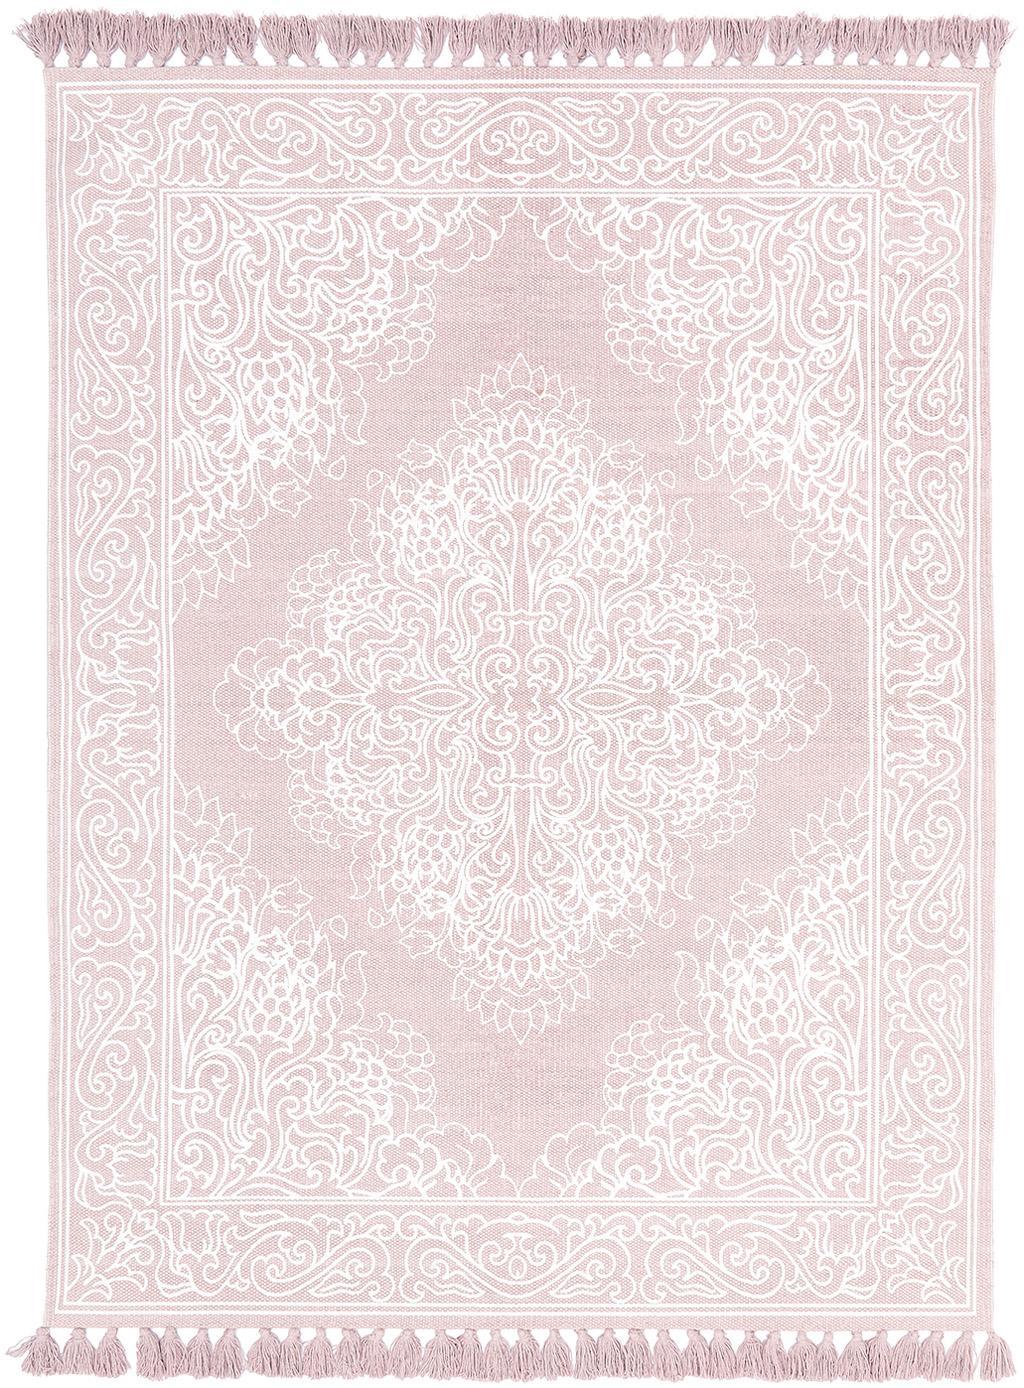 Tappeto in cotone tessuto a mano Salima, 100% cotone, Rosa, bianco crema, Larg. 160 x Lung. 230 cm (taglia M)